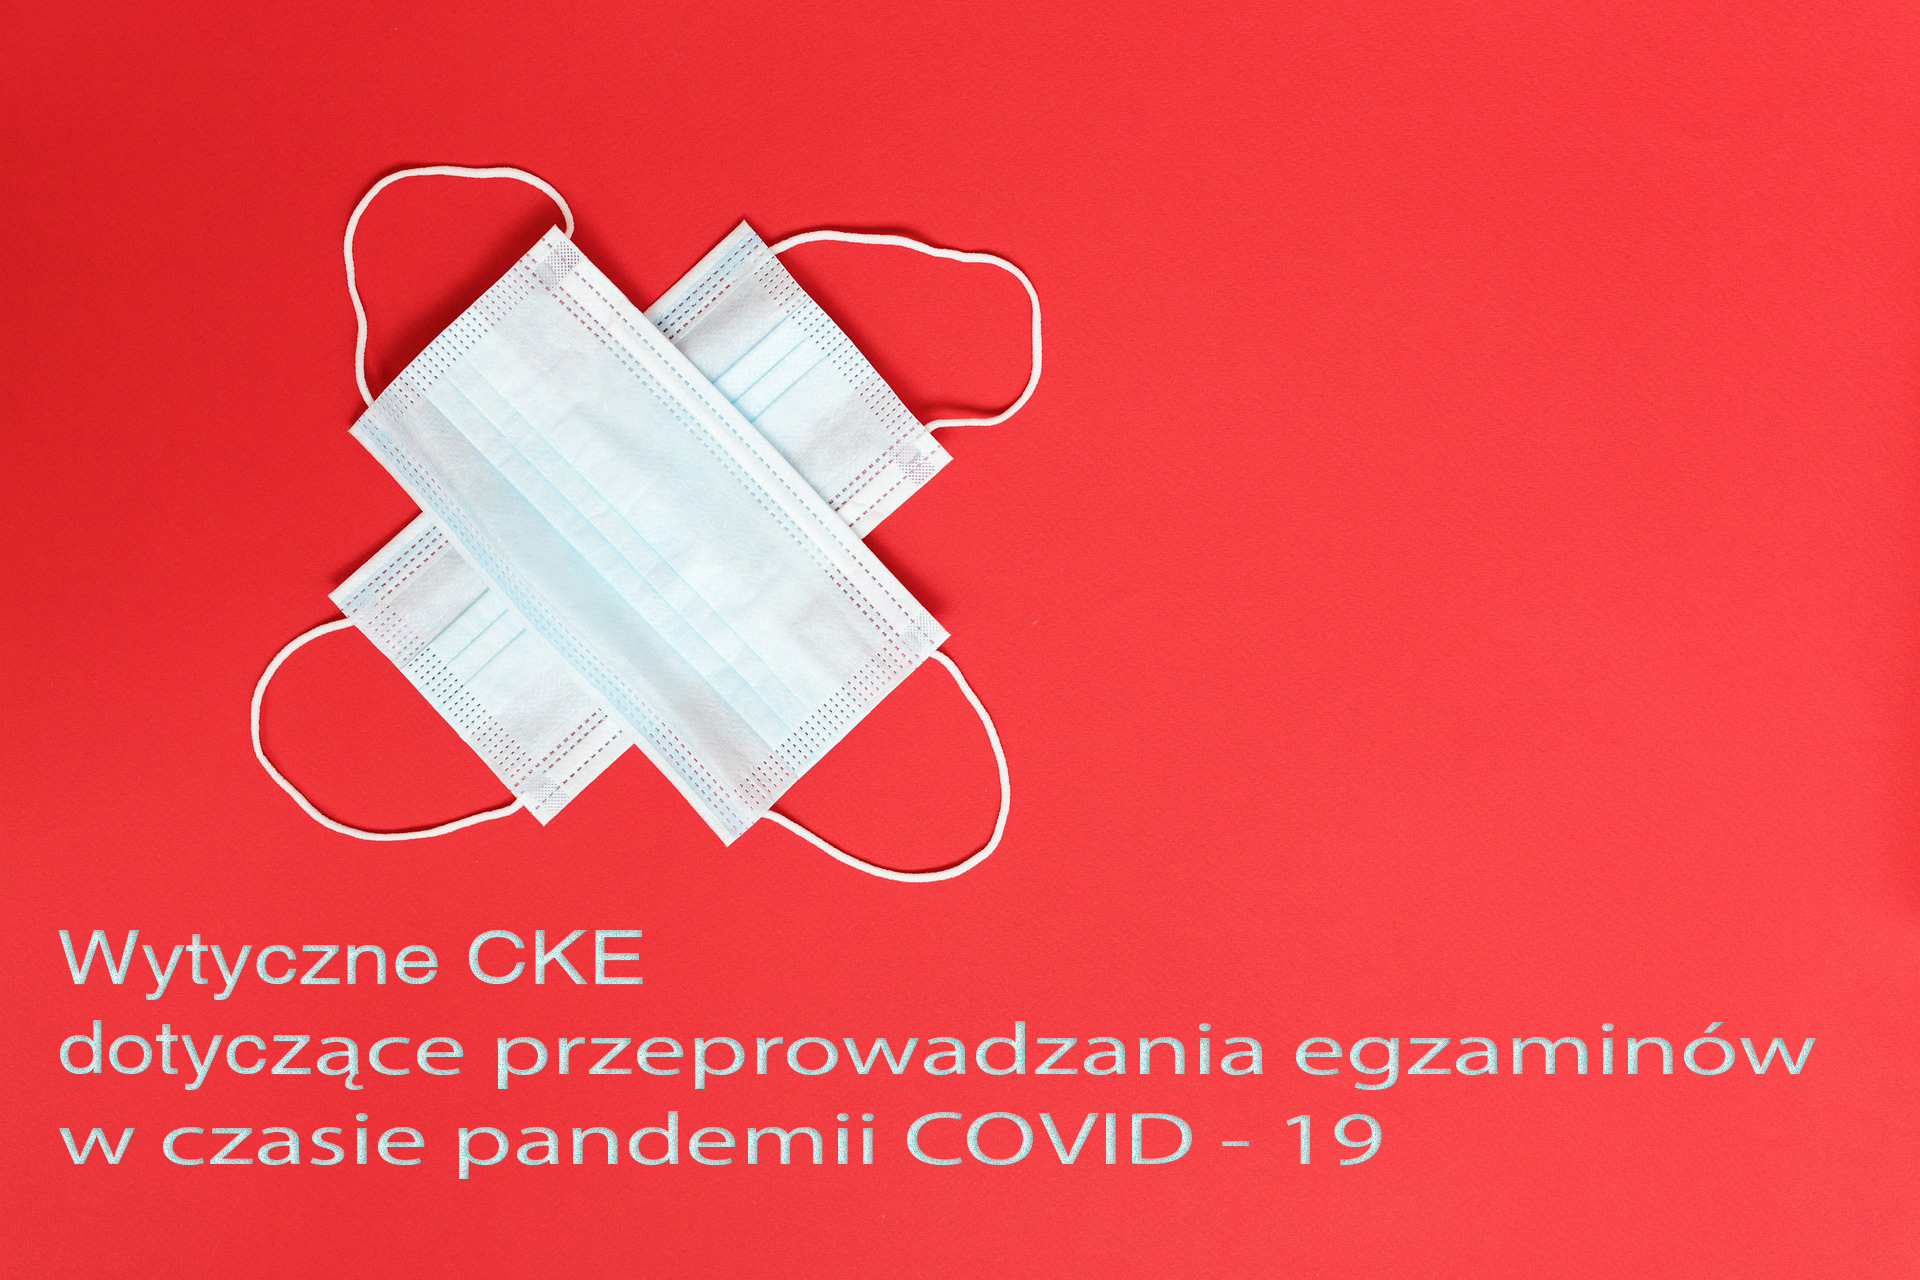 Wytyczne CKE